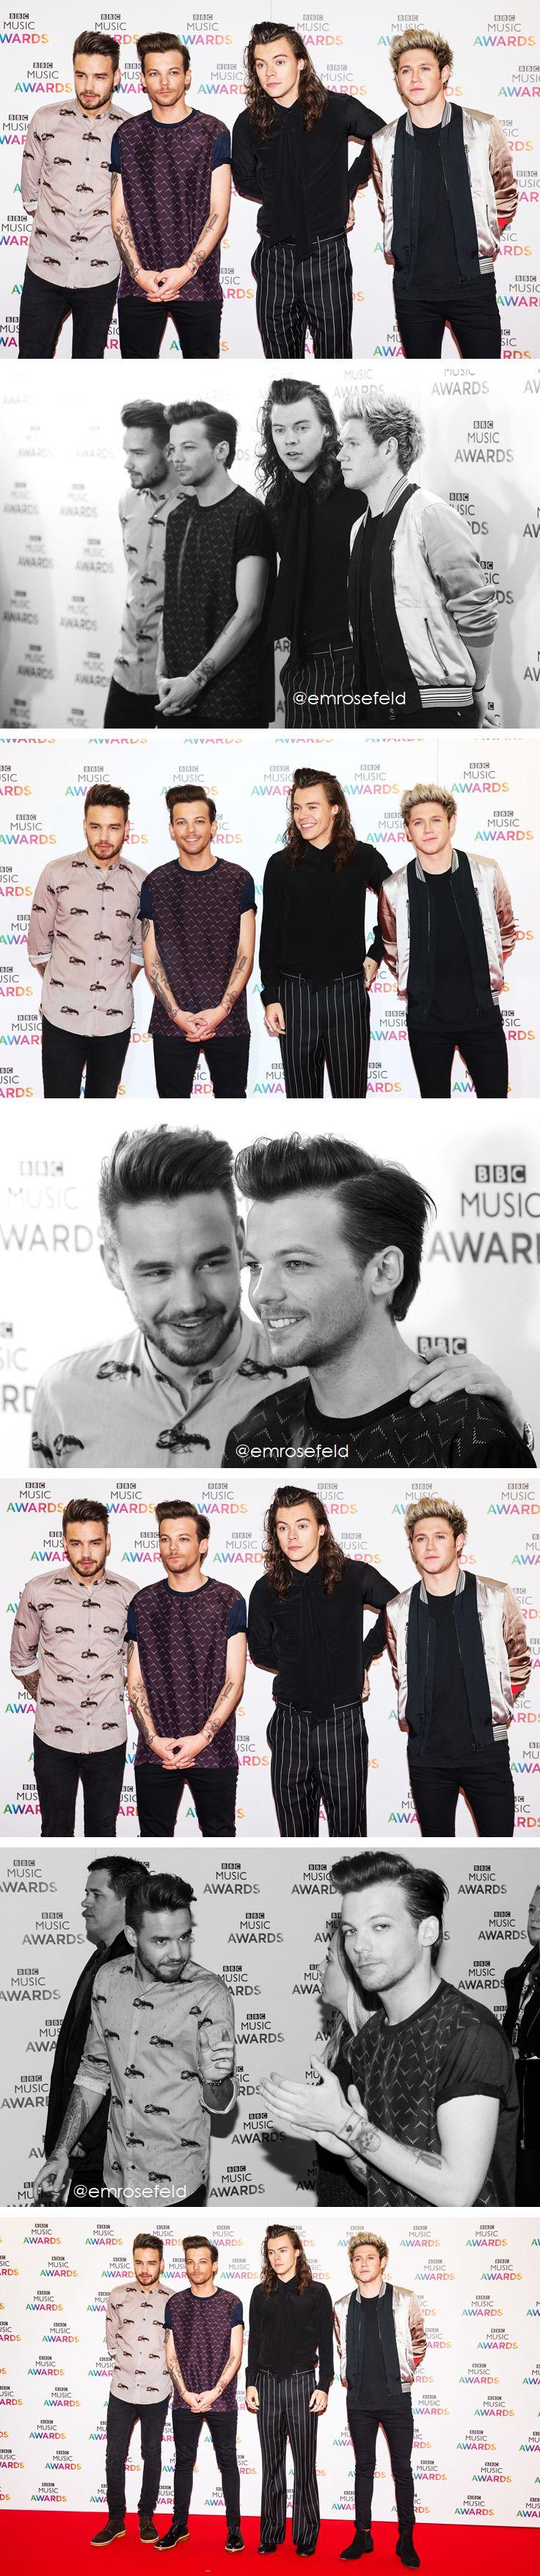 One Direction | BBC Music Awards 12.10.15 | @emrosefeld |